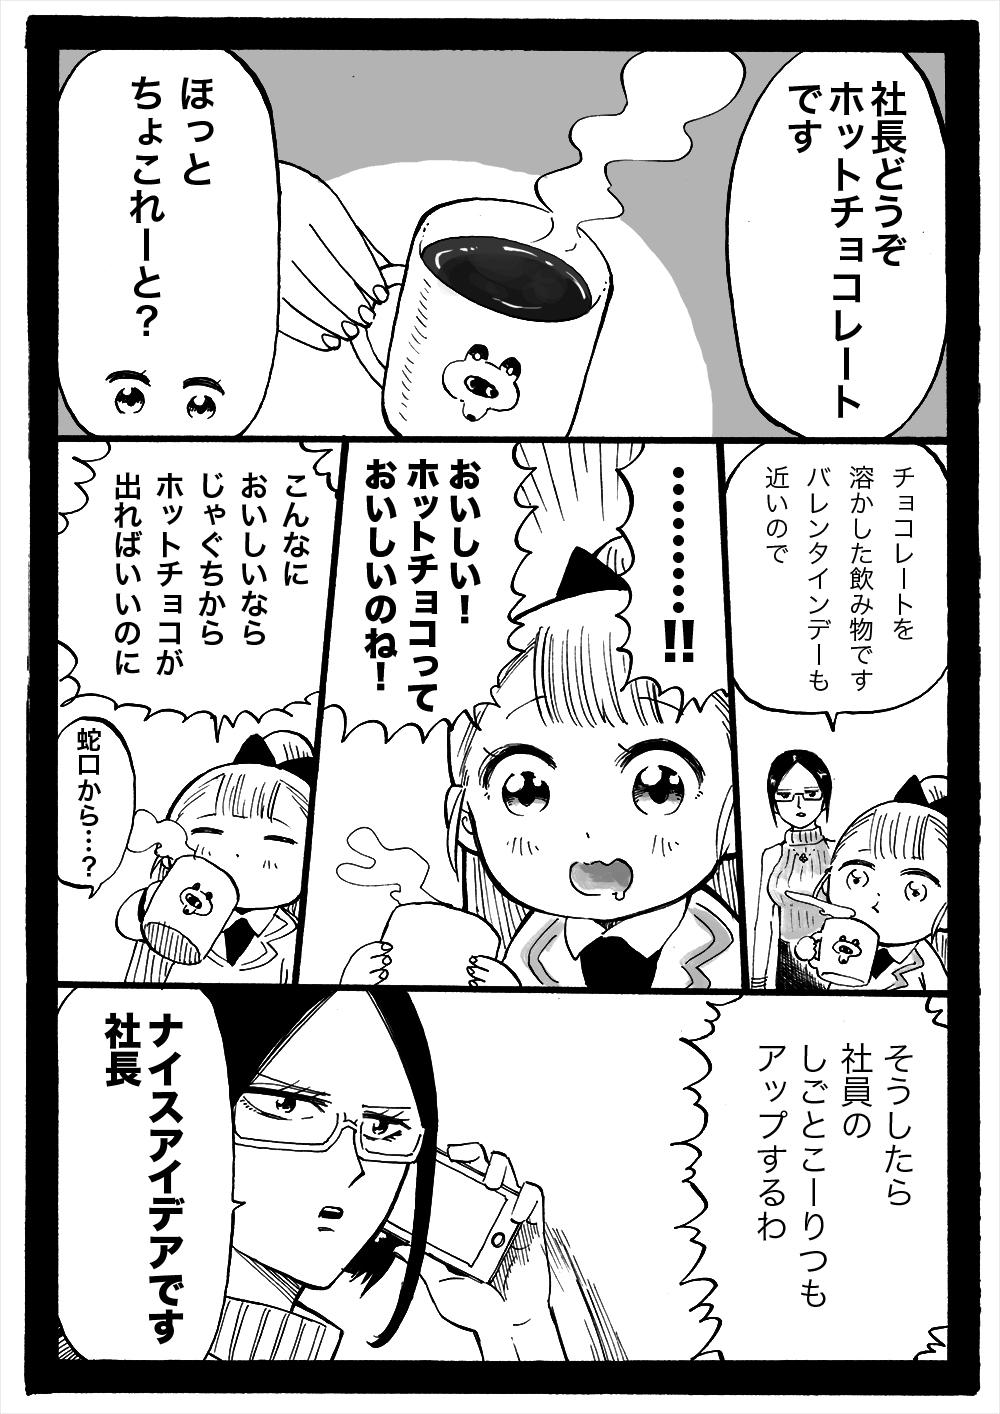 幼女社長(じゃぐち(単行本収録))